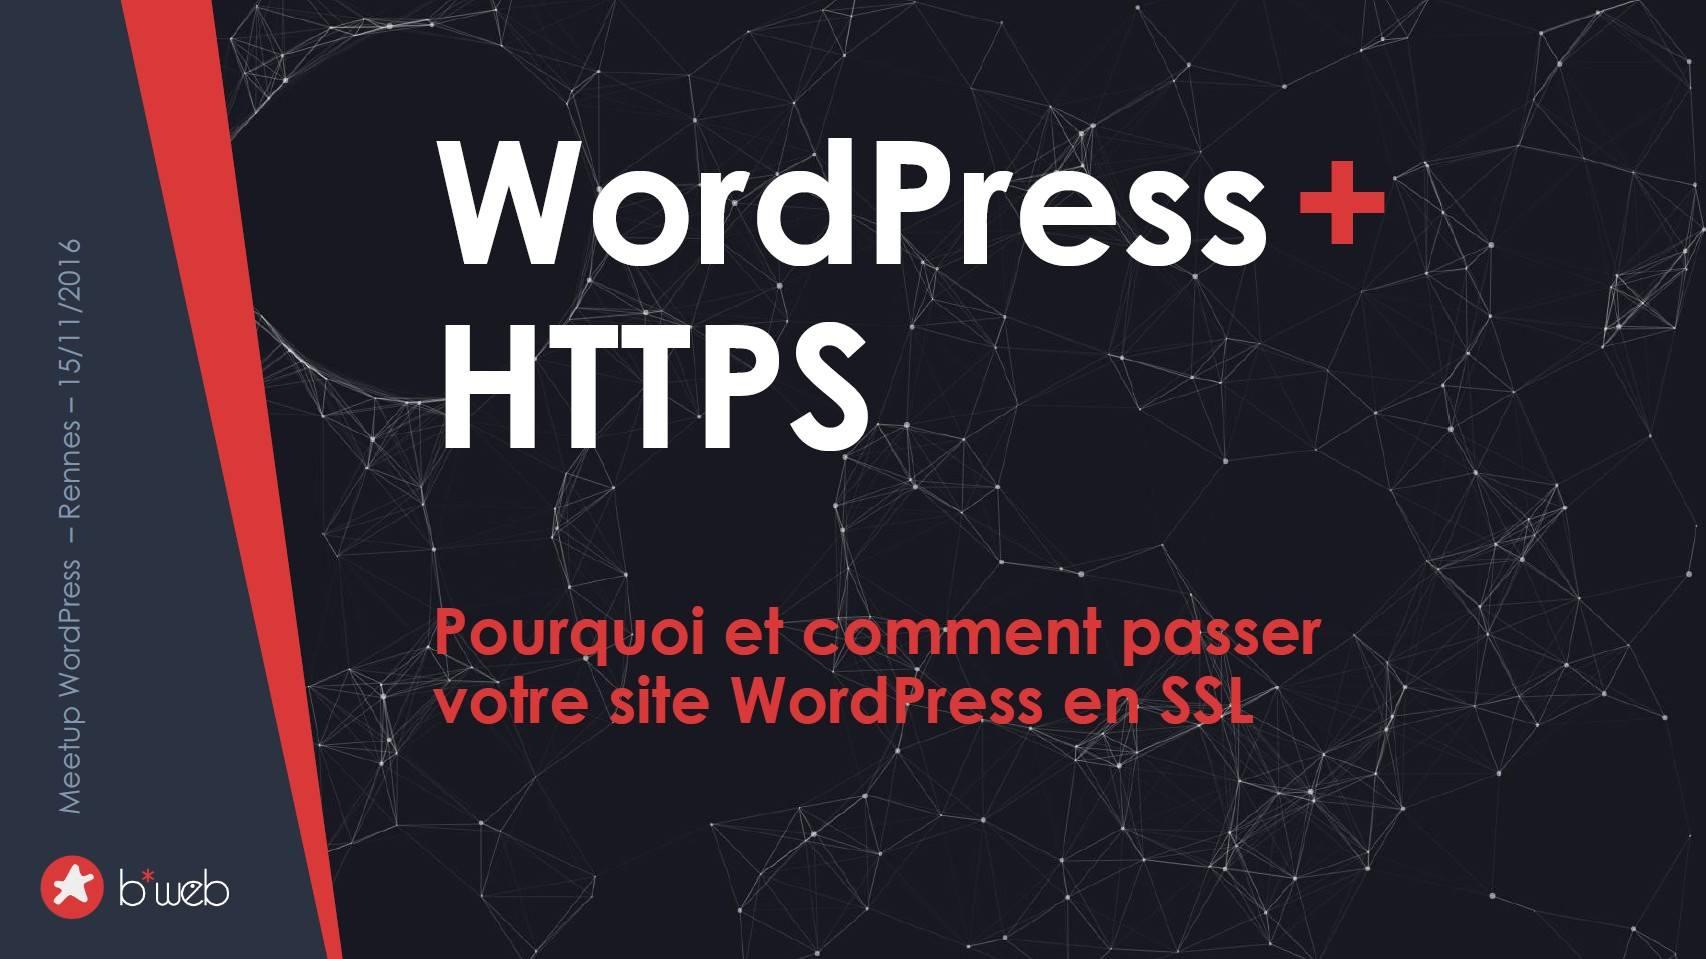 WordPress-et-HTTPS-bweb